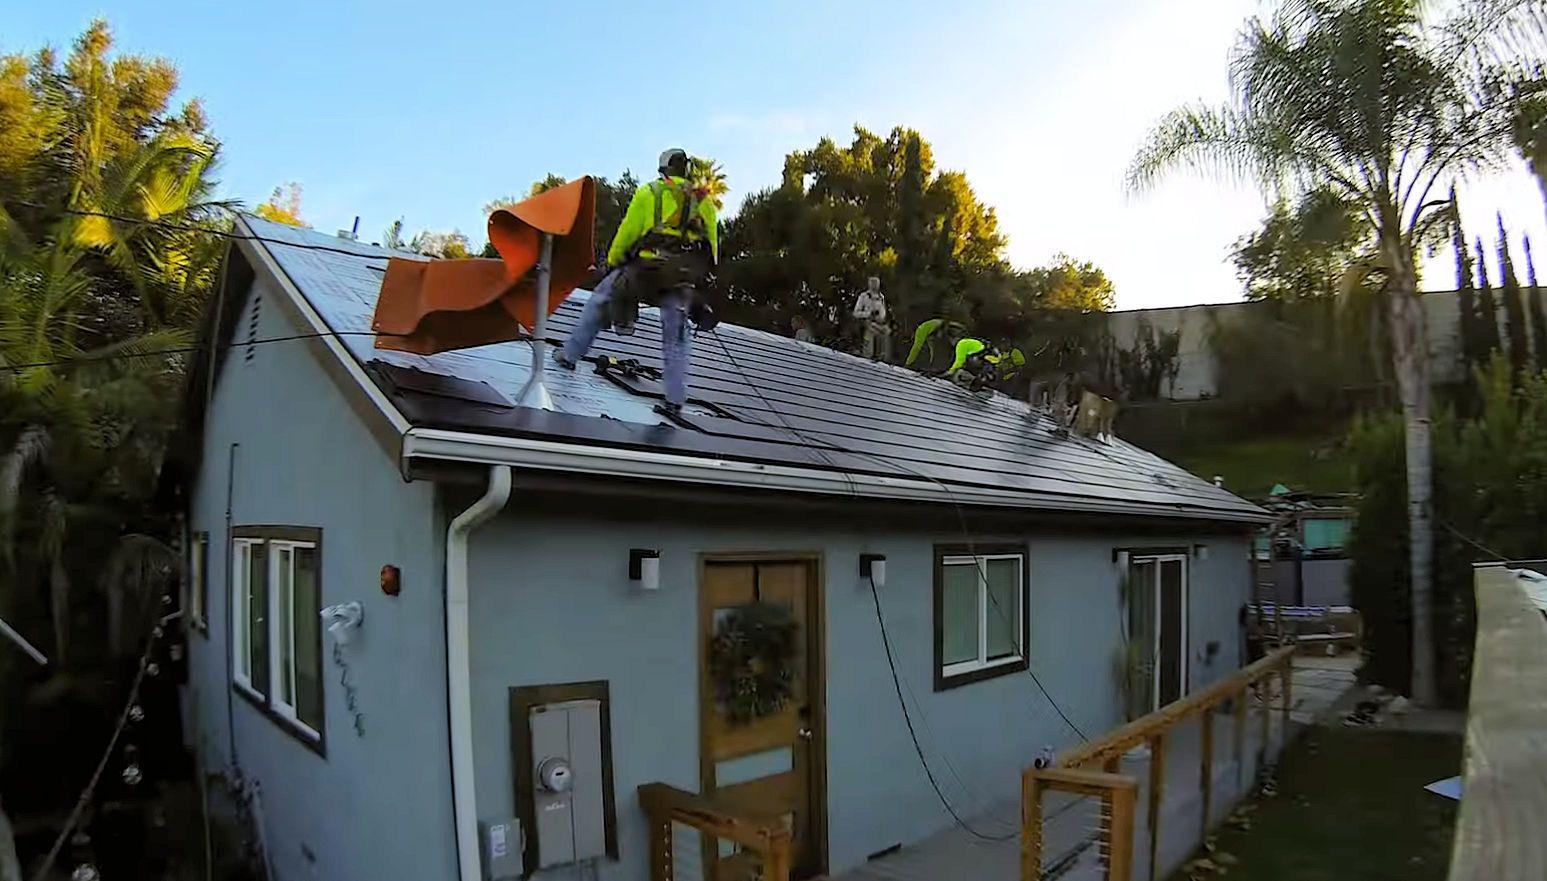 Tesla Solar Roof V3 obtient son premier avis en 2020